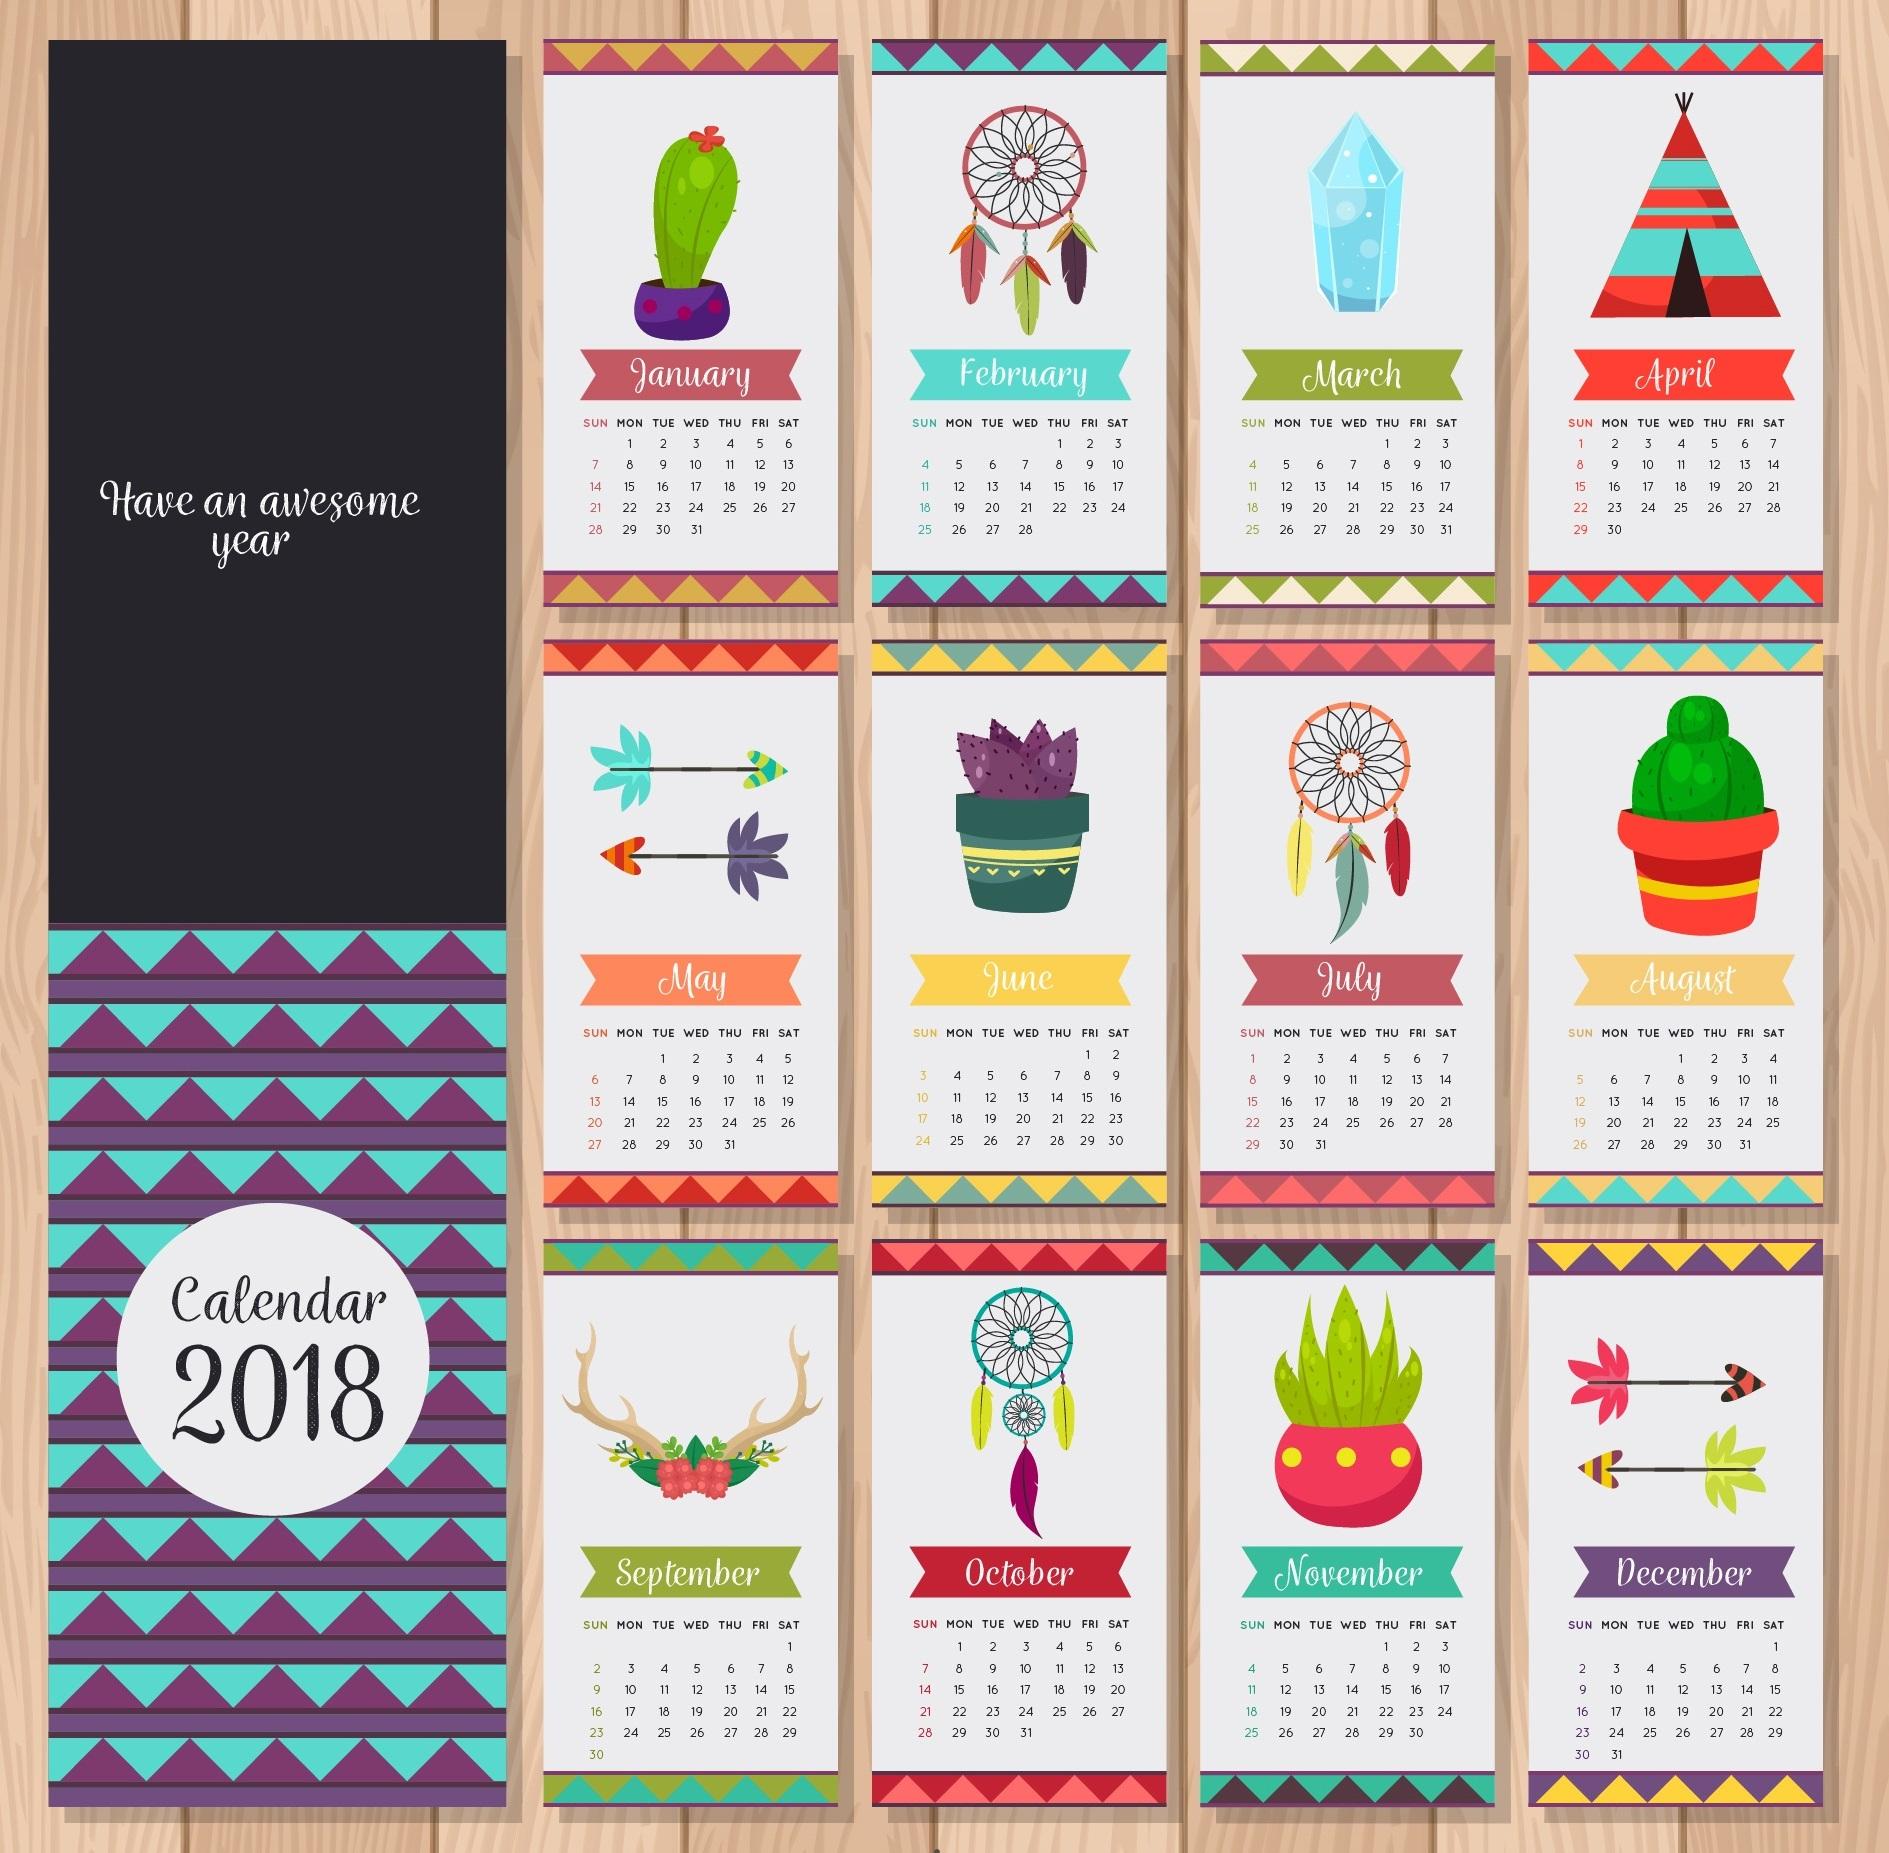 calendar wallpaper 2018 1889x1853